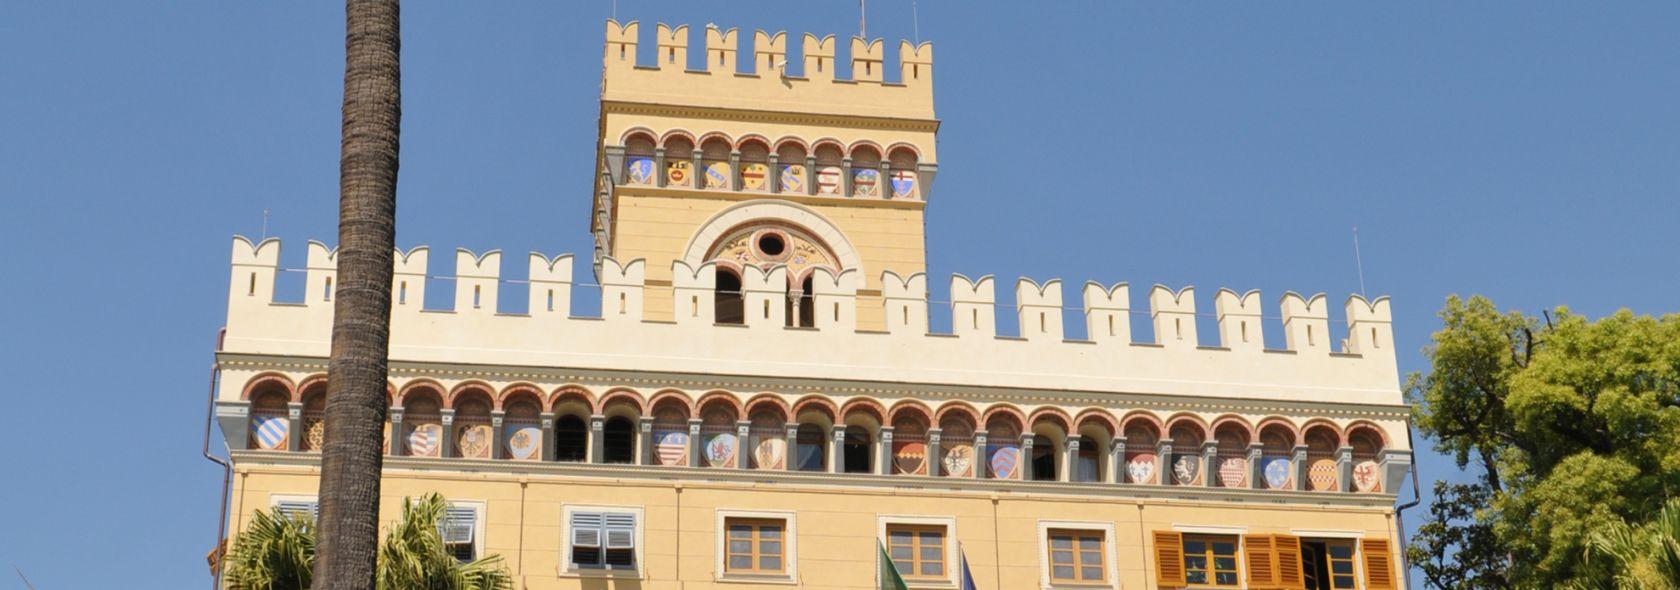 Arenzano: Villa Negrotto Cambiaso - Foto Ufficio Comunicazione Città Metropolita